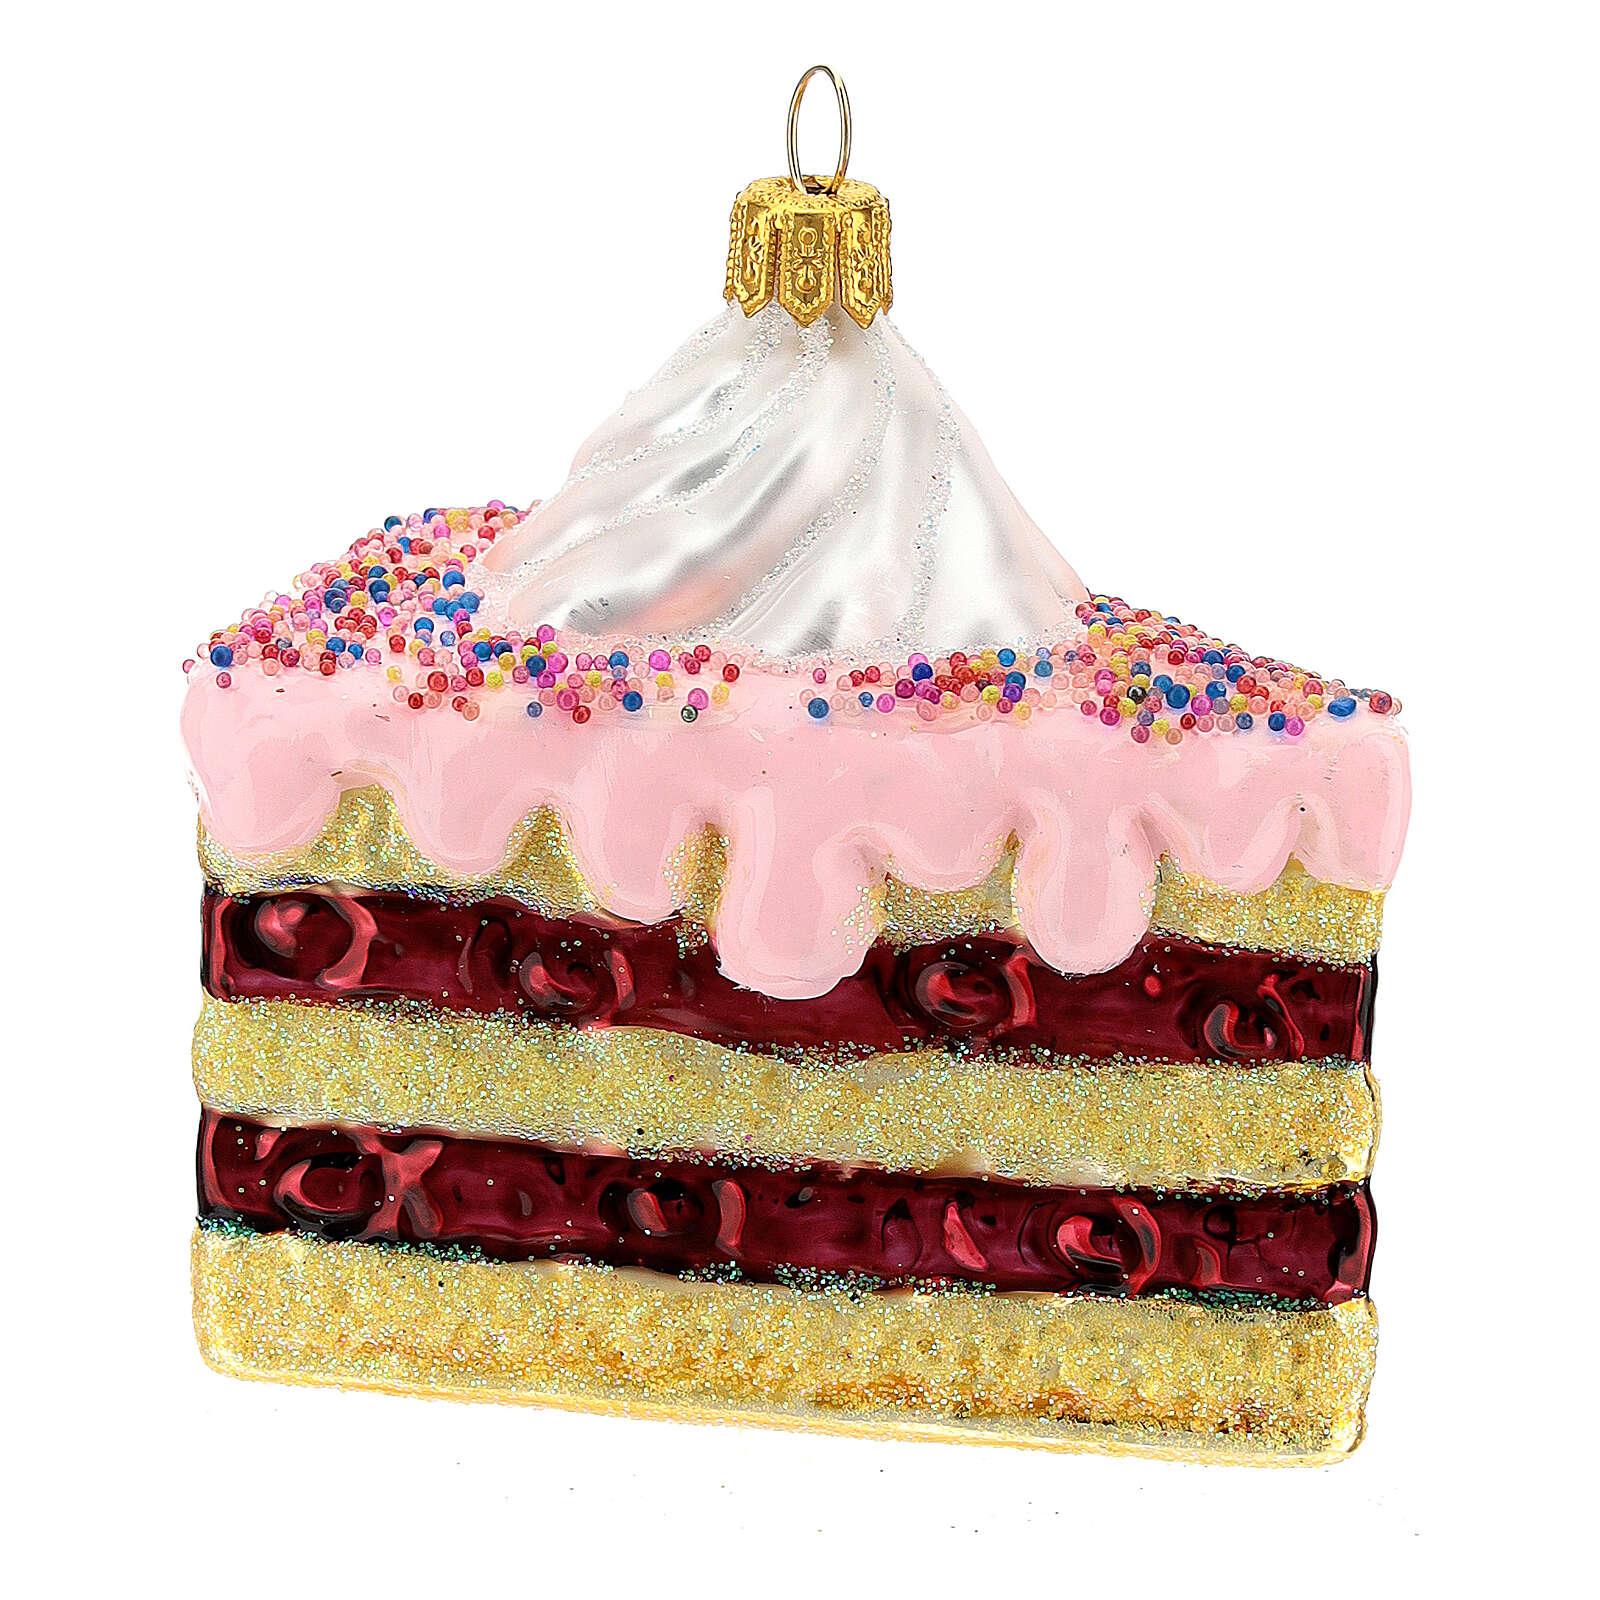 Gâteau à étages verre soufflé décoration sapin Noël 4